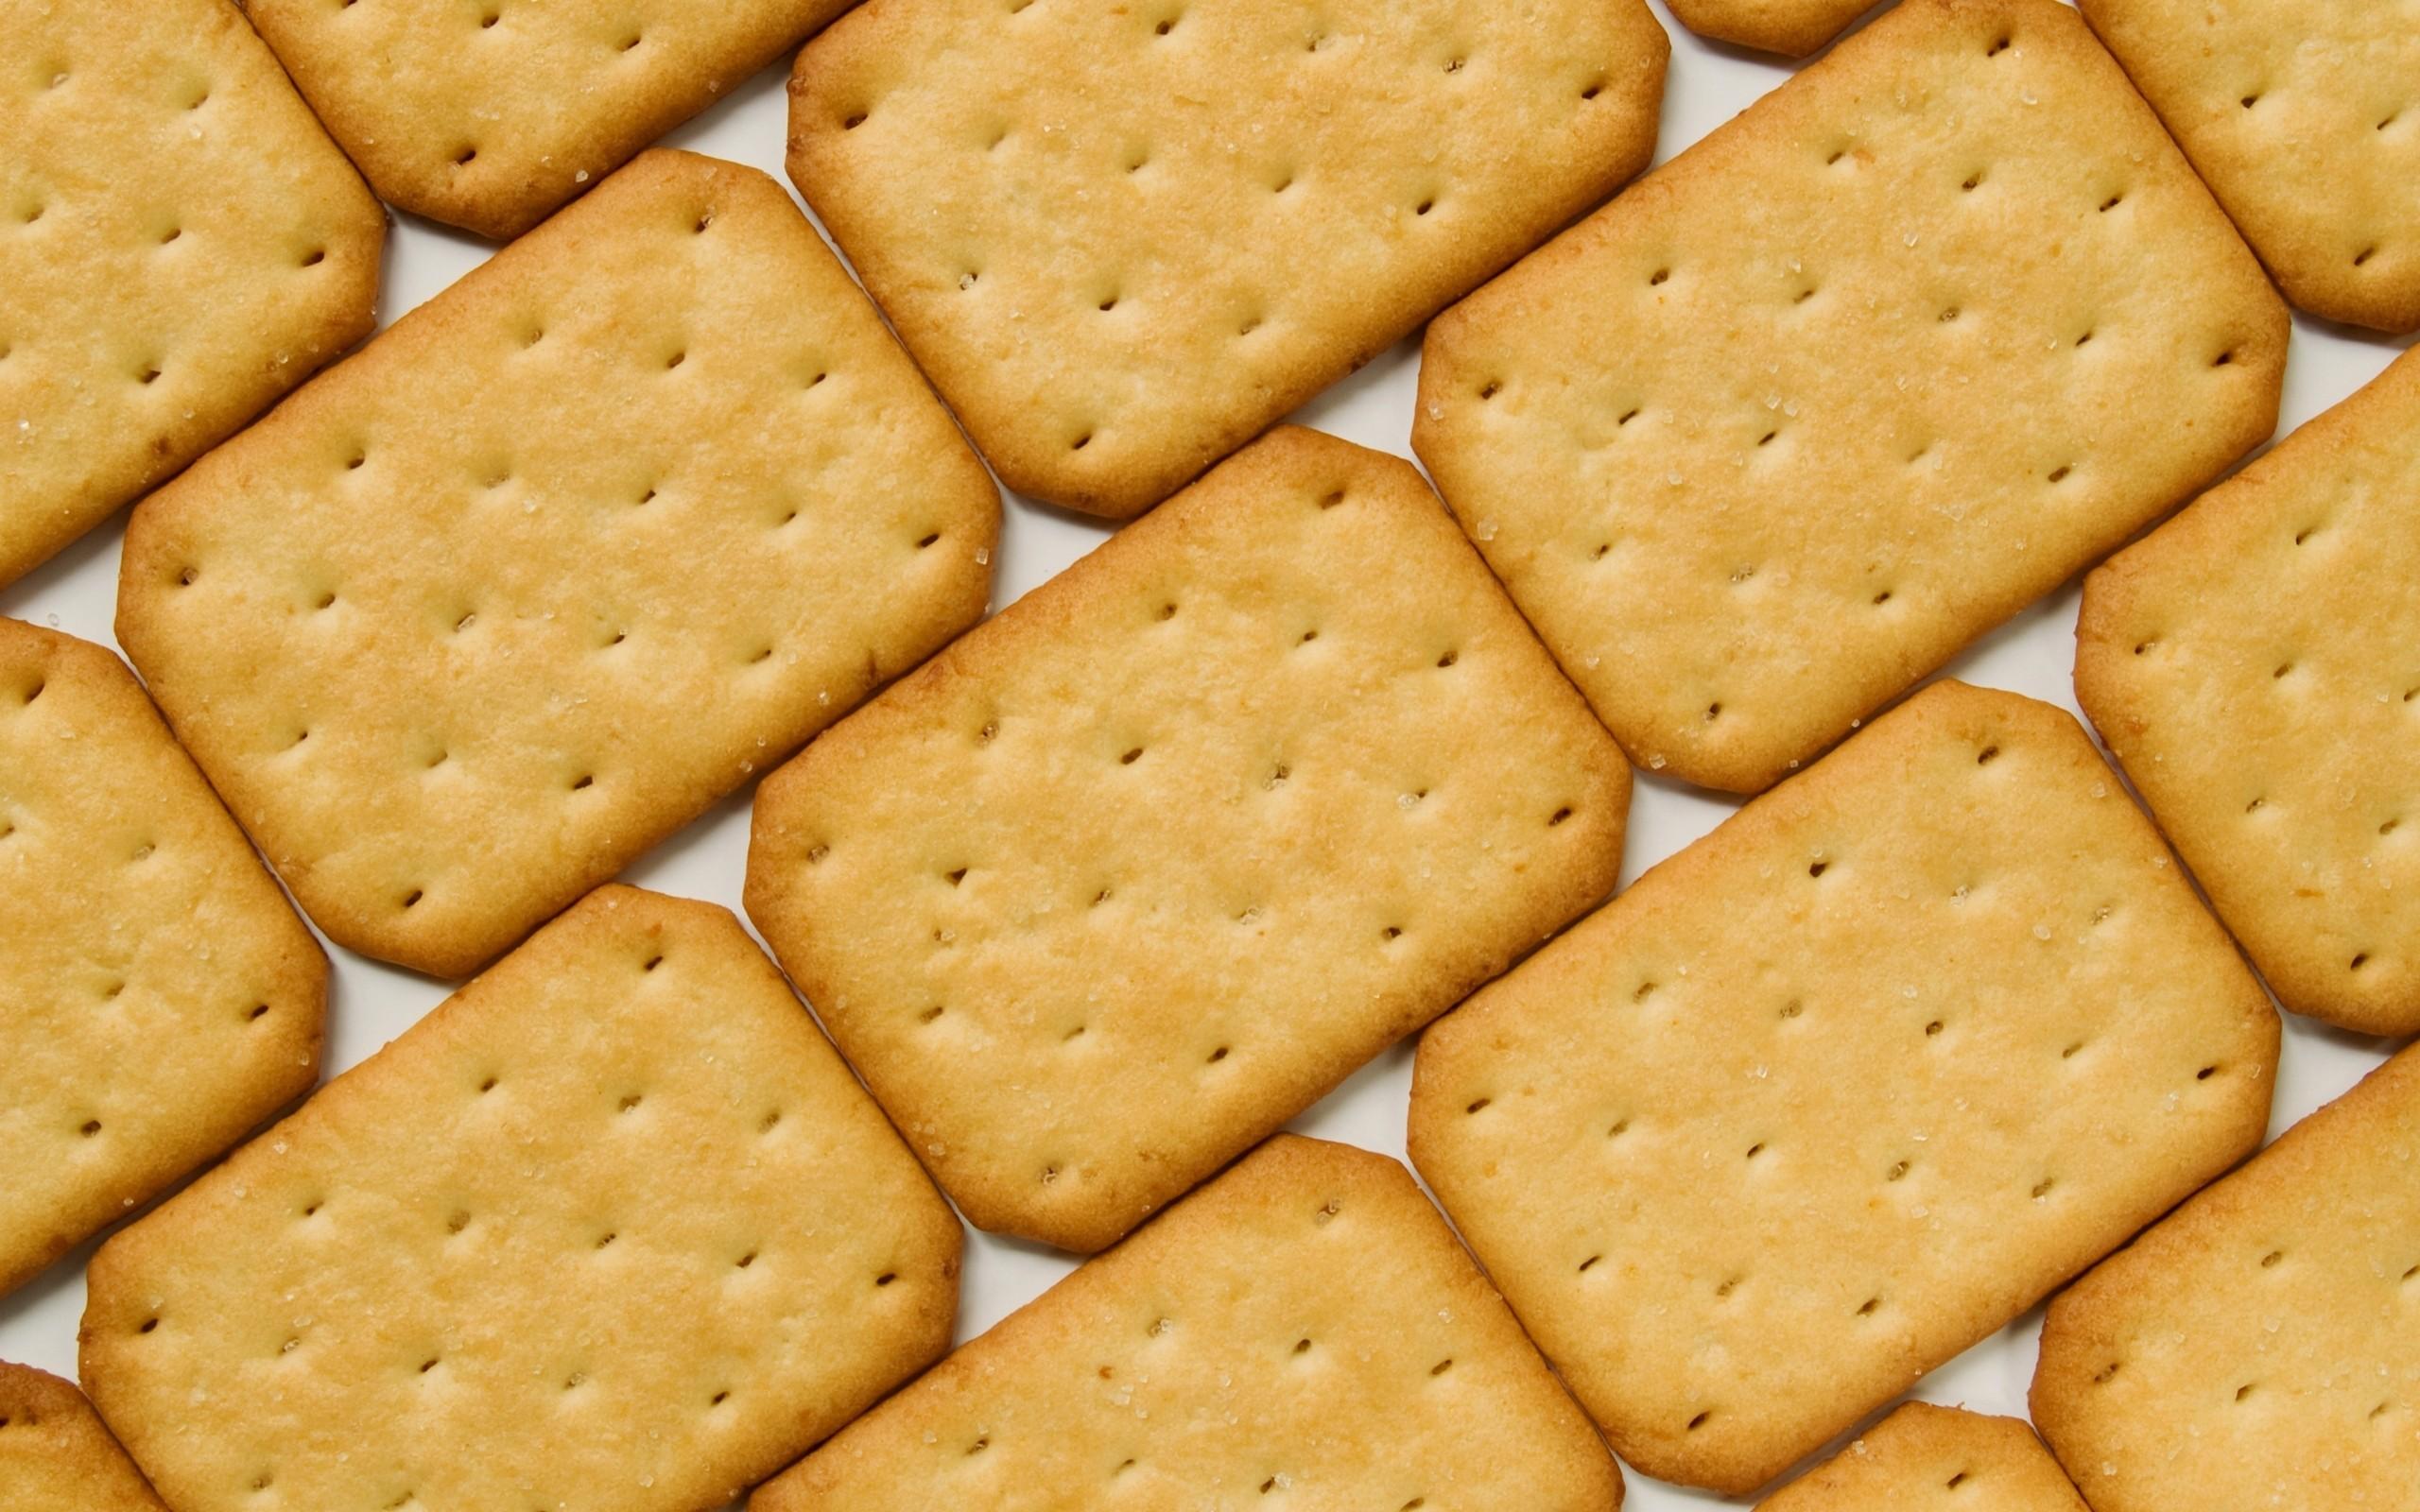 """美味饼干高清PPT背景图片免费下载是由PPT宝藏(www.pptbz.com)会员zengmin上传推荐的简约PPT背景图片, 更新时间为2017-01-19,素材编号120212。 饼干的词源所谓饼干的词源是""""烤过两次的面包"""",即从法语的bis(再来一次)和cuit(烤)中由来的。 初期饼干的产业是上述所说的长期的航海或战争中的紧急食品的概念开始以HandMade-Type(手工形态)传播,产业革命以后因机械技术的发达,饼干的制作设备及技术迅速发展,扩散到全世界各地。饼干类包含饼干(Biscuit)"""